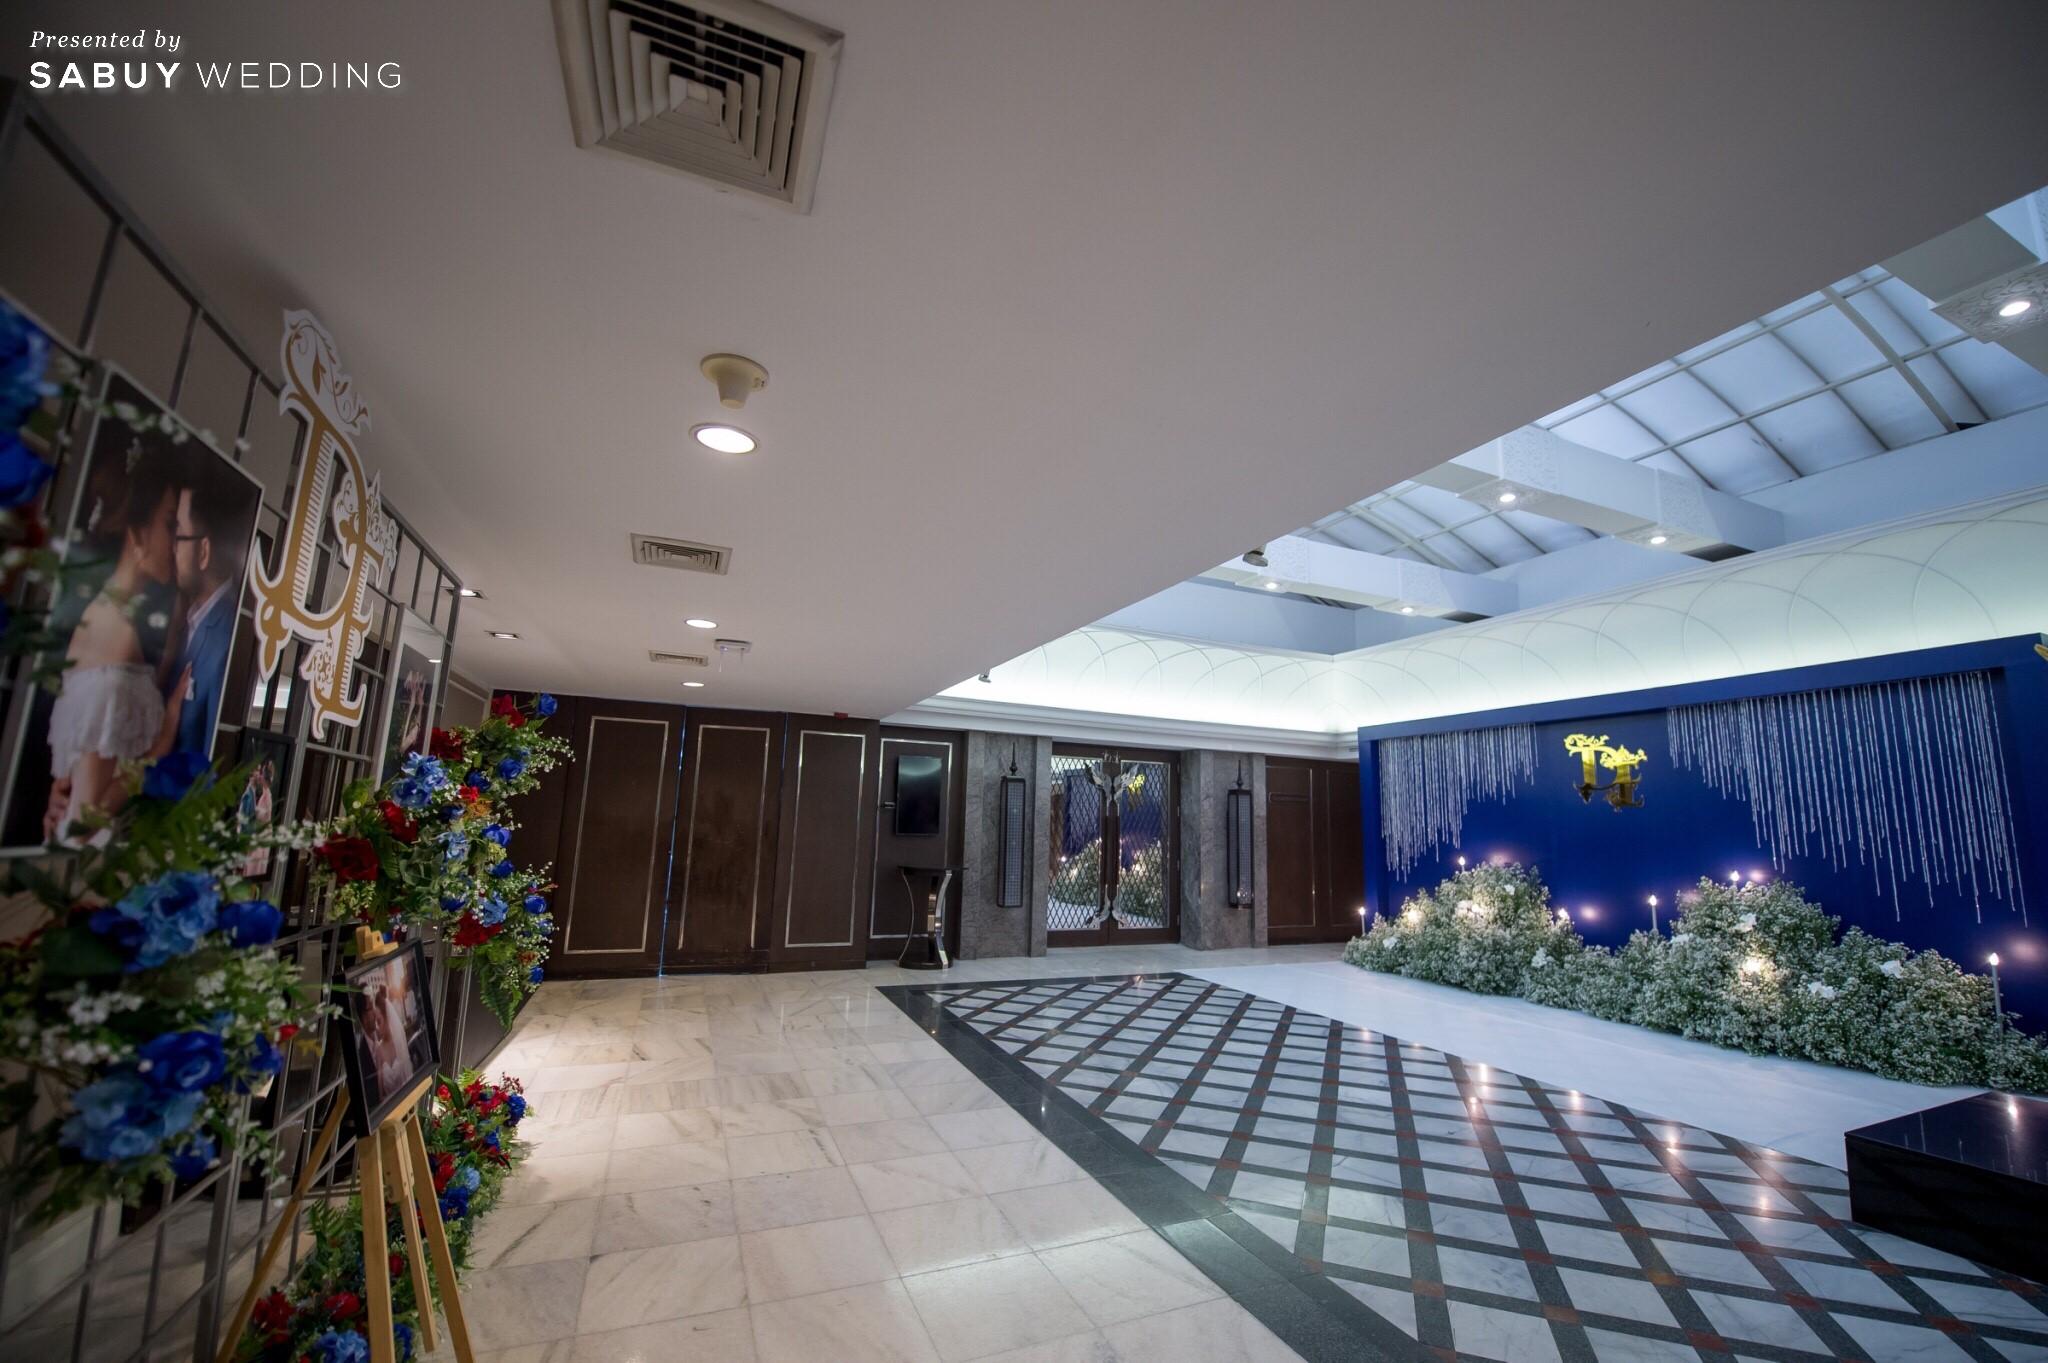 รีวิวงานแต่ง สวยเด่นสไตล์ไทยโมเดิร์น ในธีม Navy Blue - Burgundy@Narai Hotel